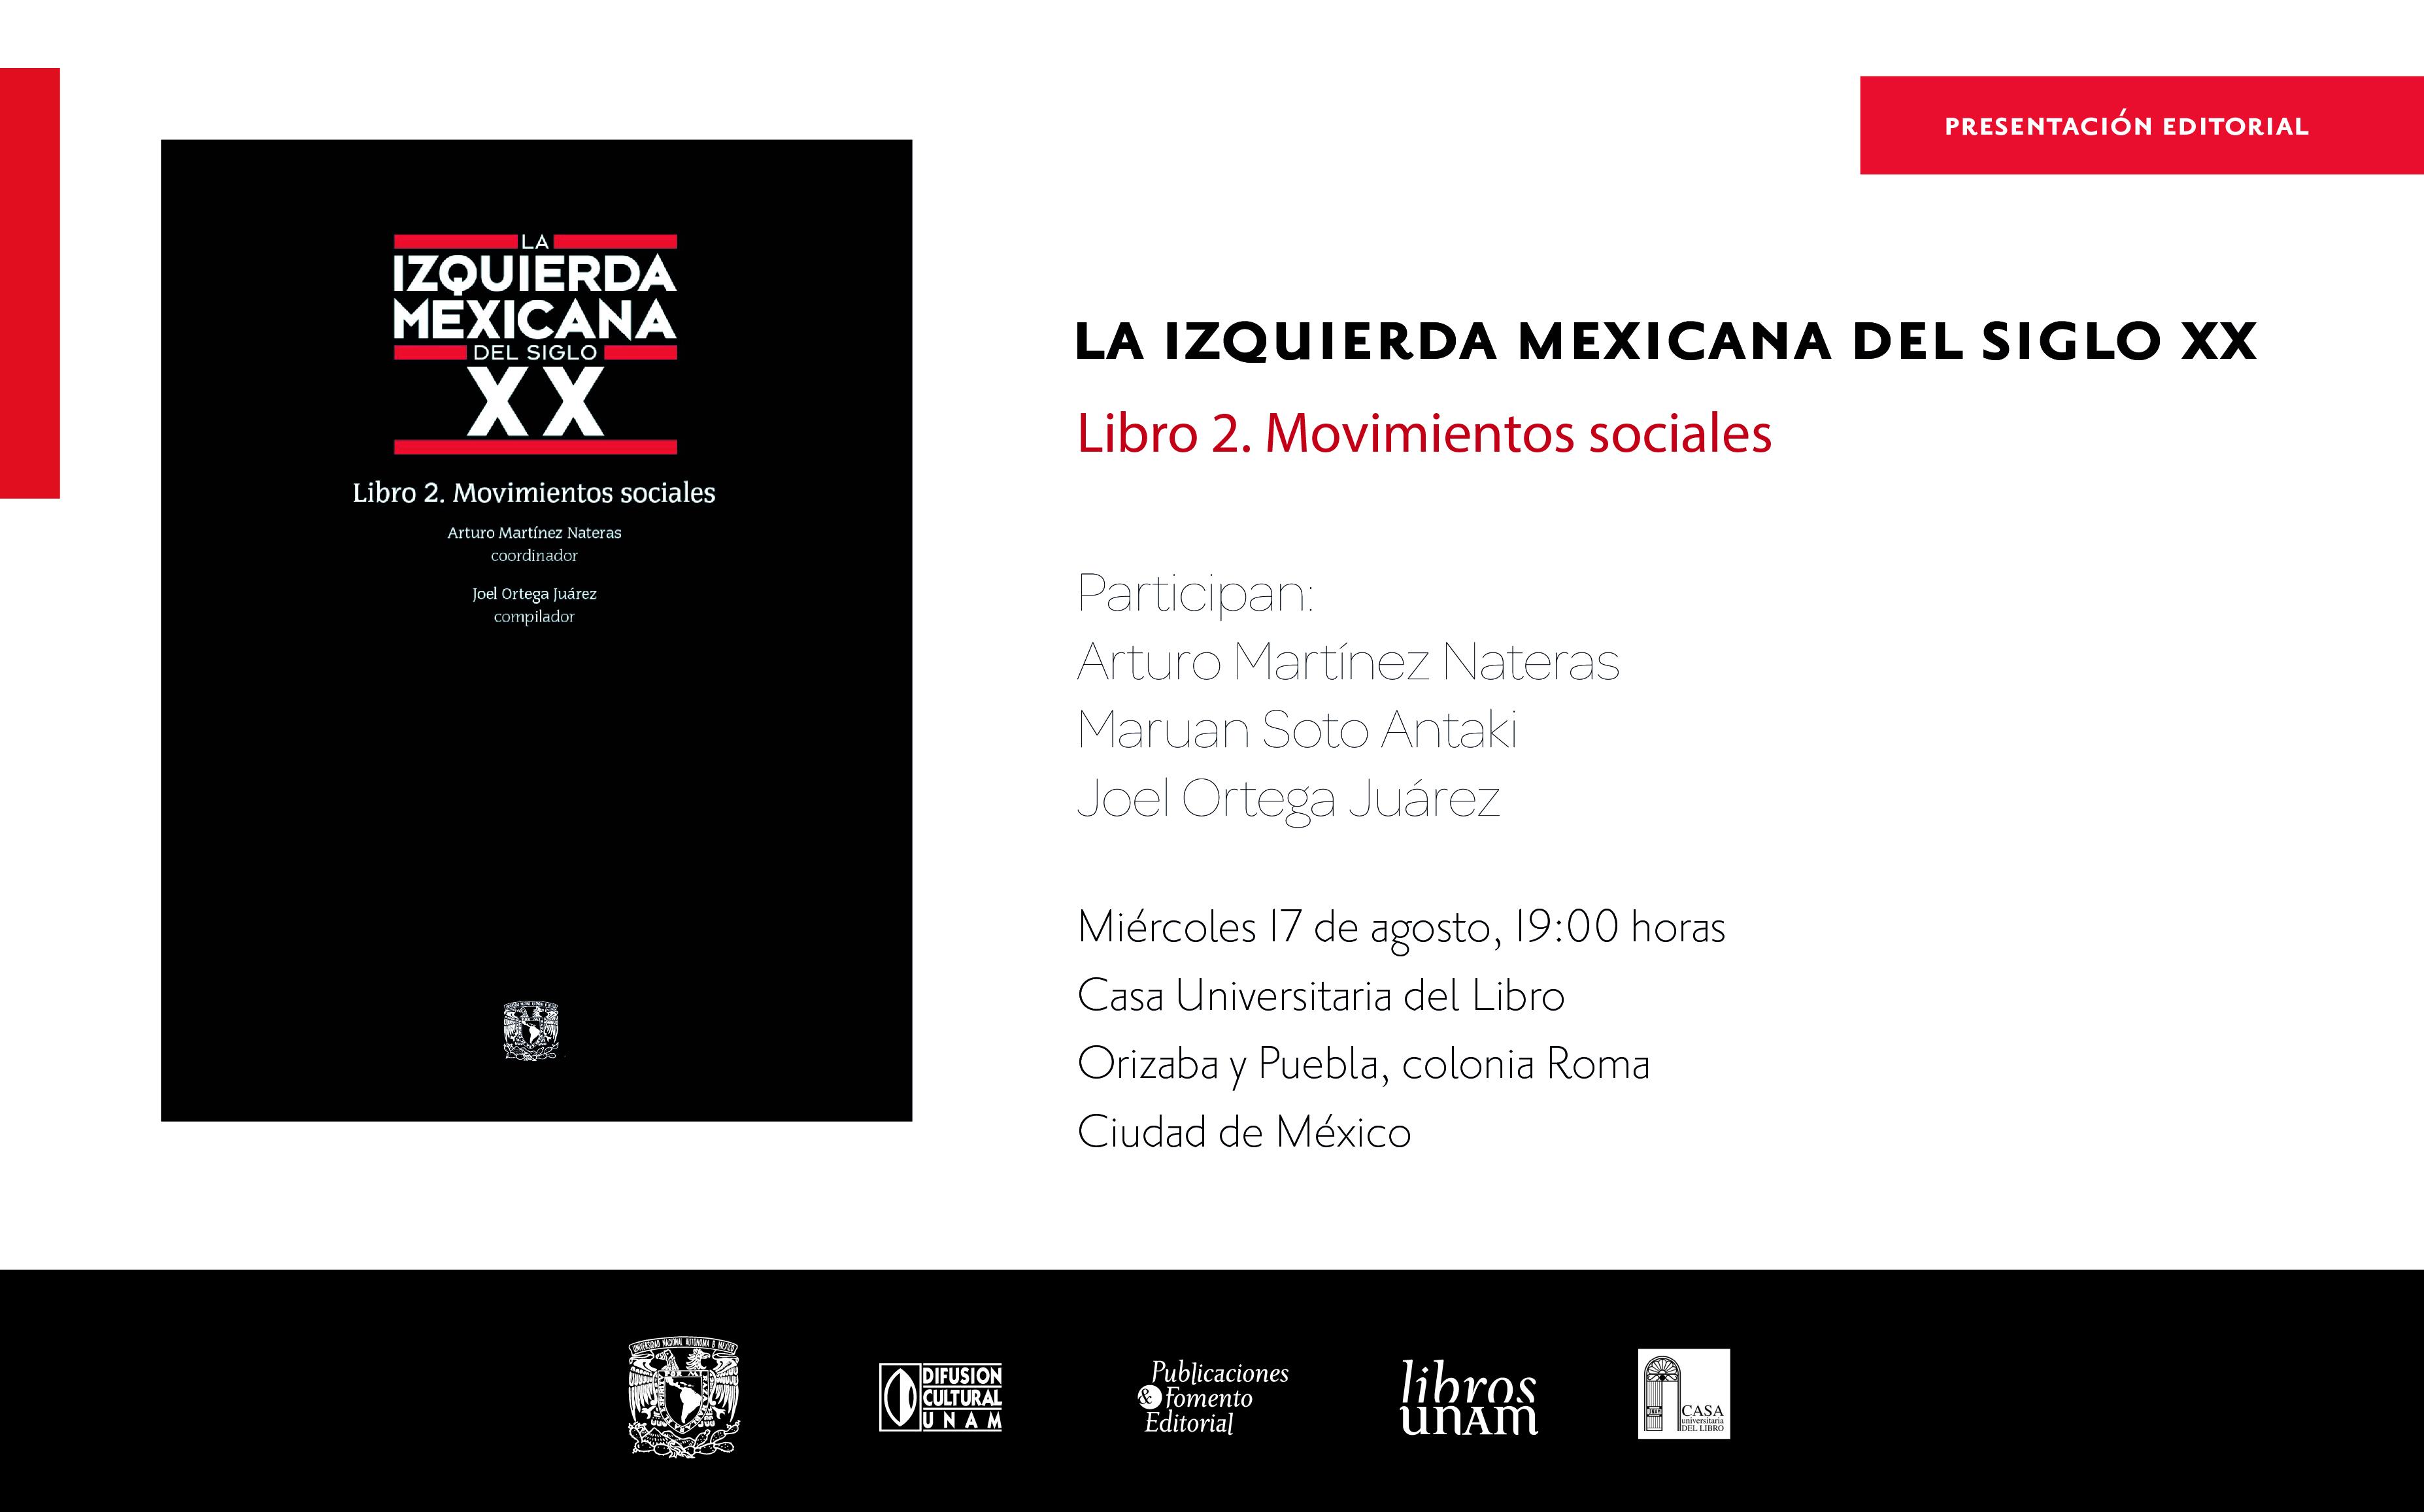 La historia mexicana desde sus movimientos sociales de izquierda